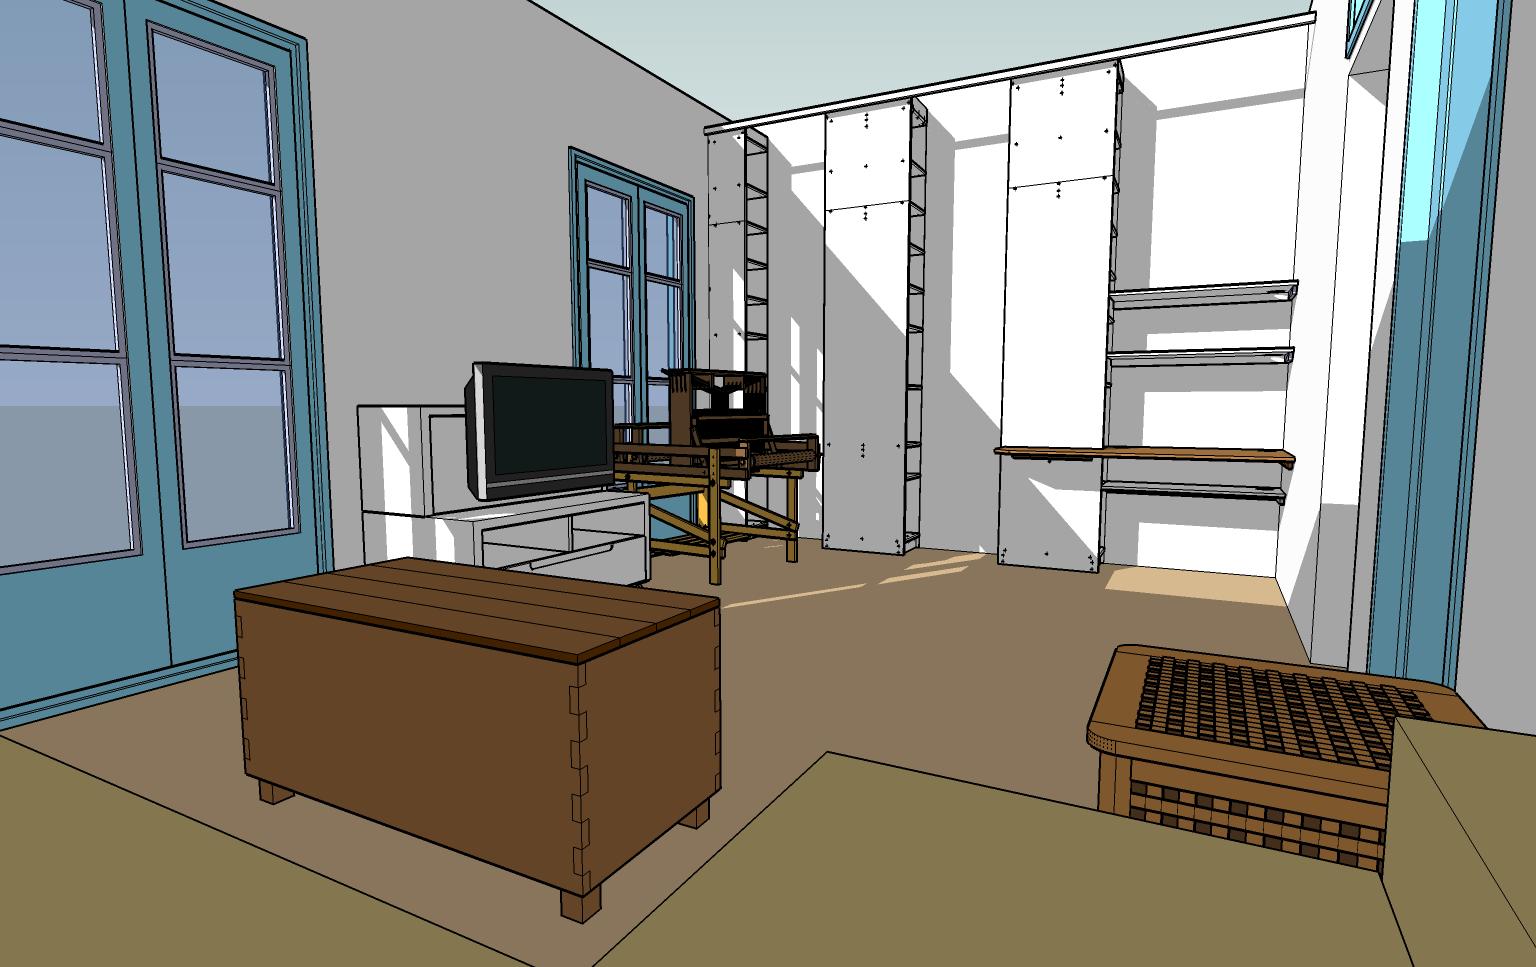 sn architecture google sketchup. Black Bedroom Furniture Sets. Home Design Ideas